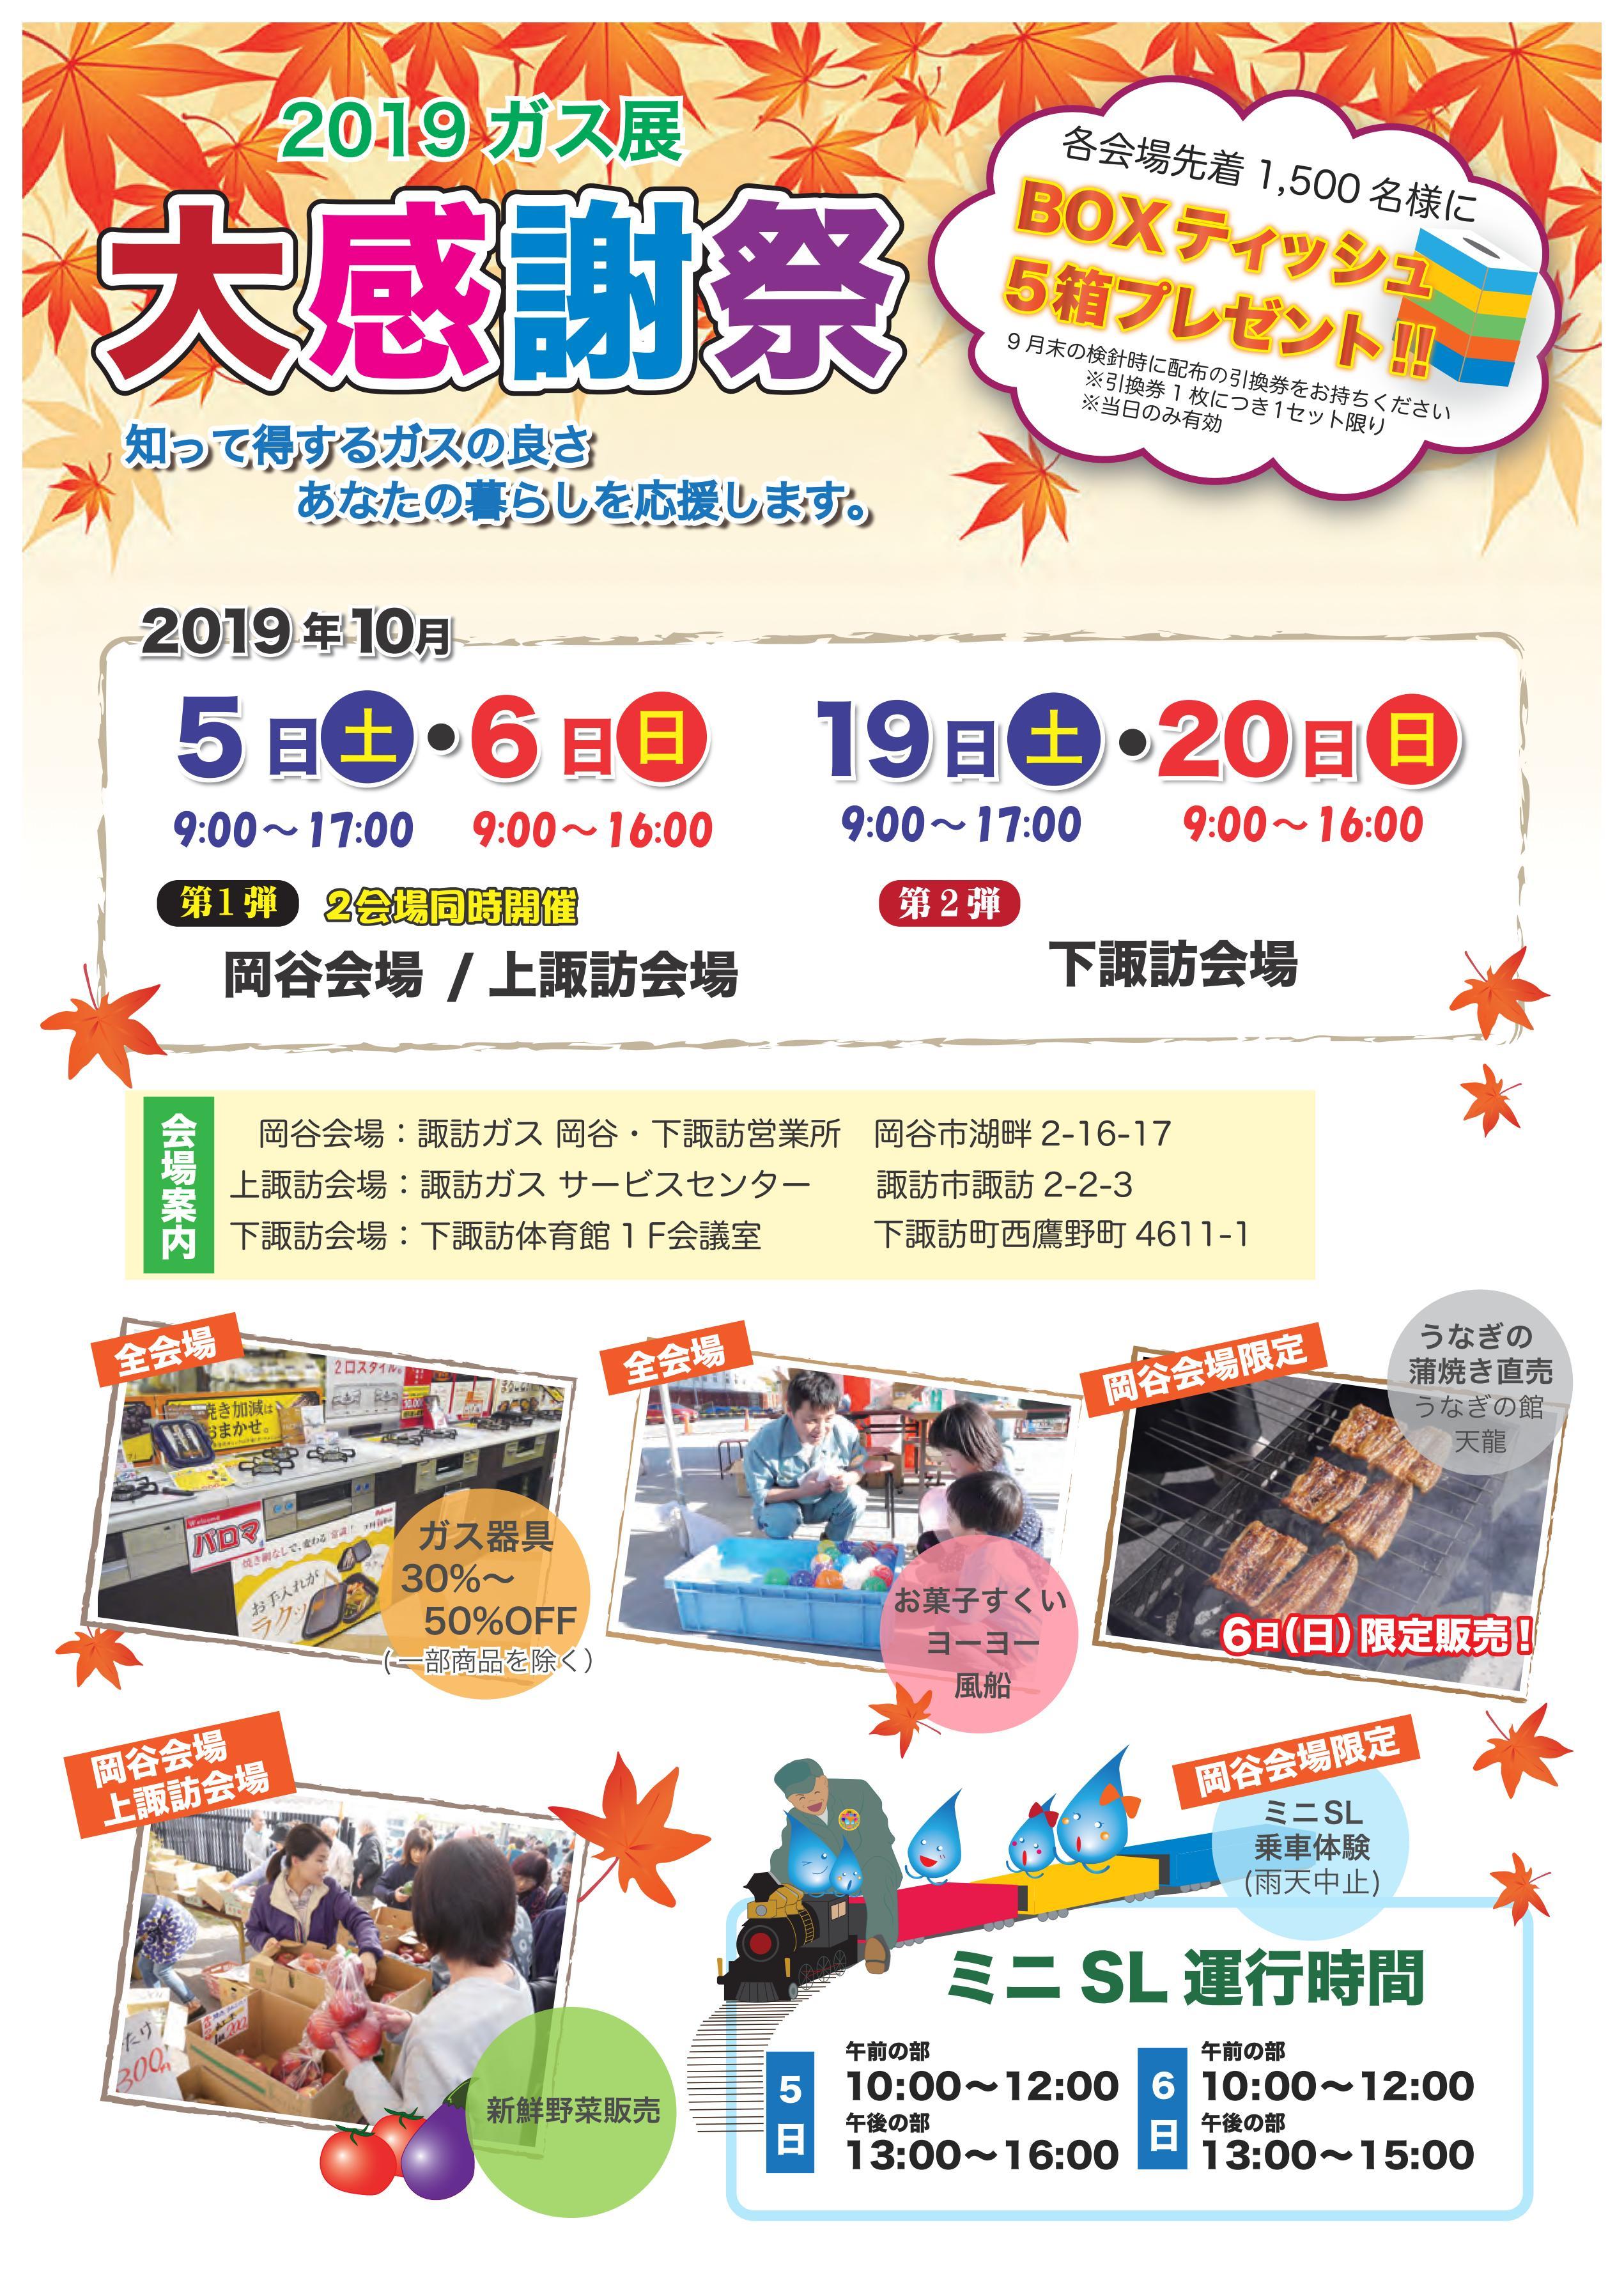 2019ガス展大感謝祭